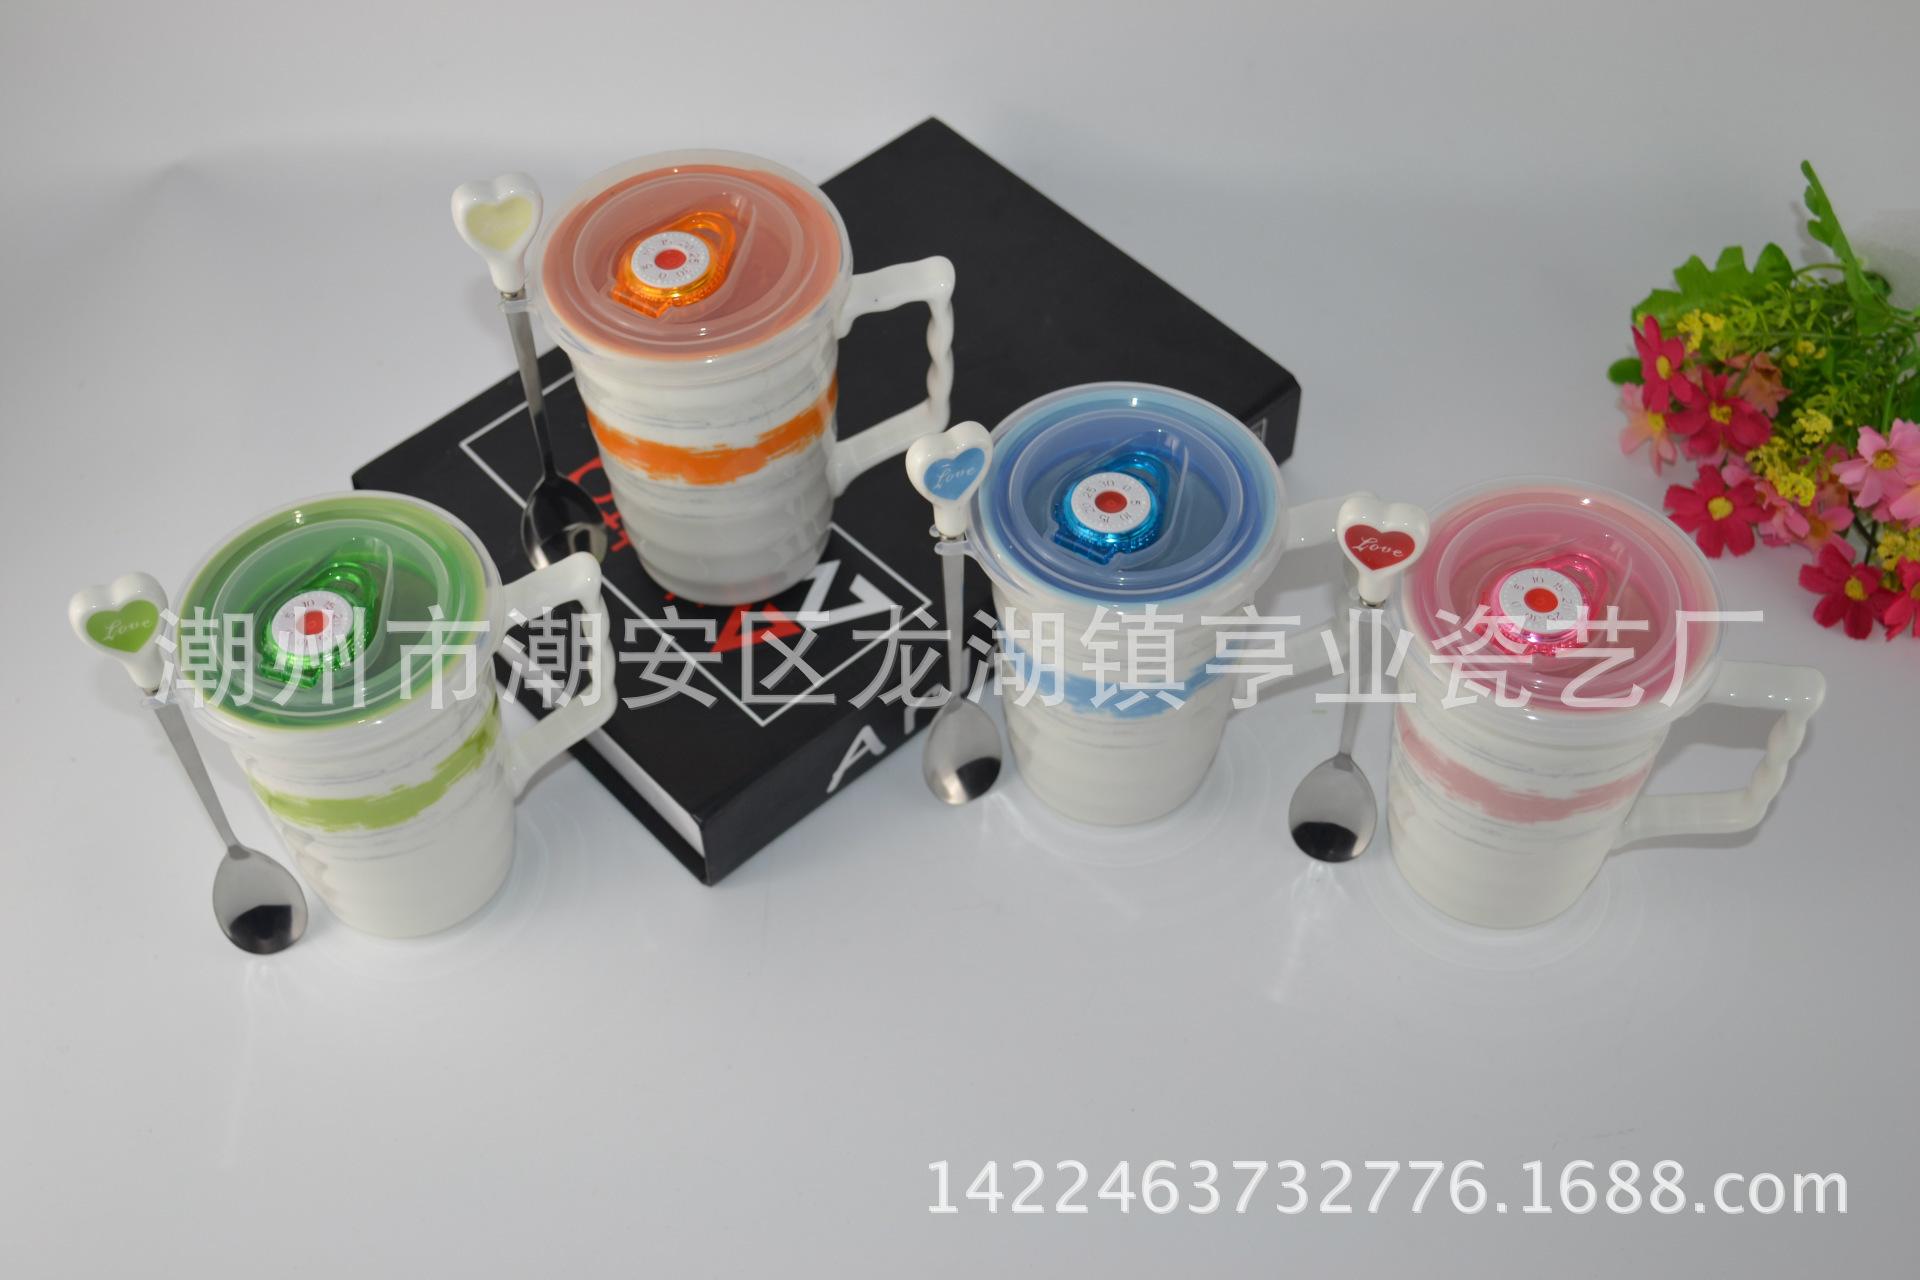 创意马克杯陶瓷杯子咖啡杯牛奶杯彩色条纹水杯带盖带勺